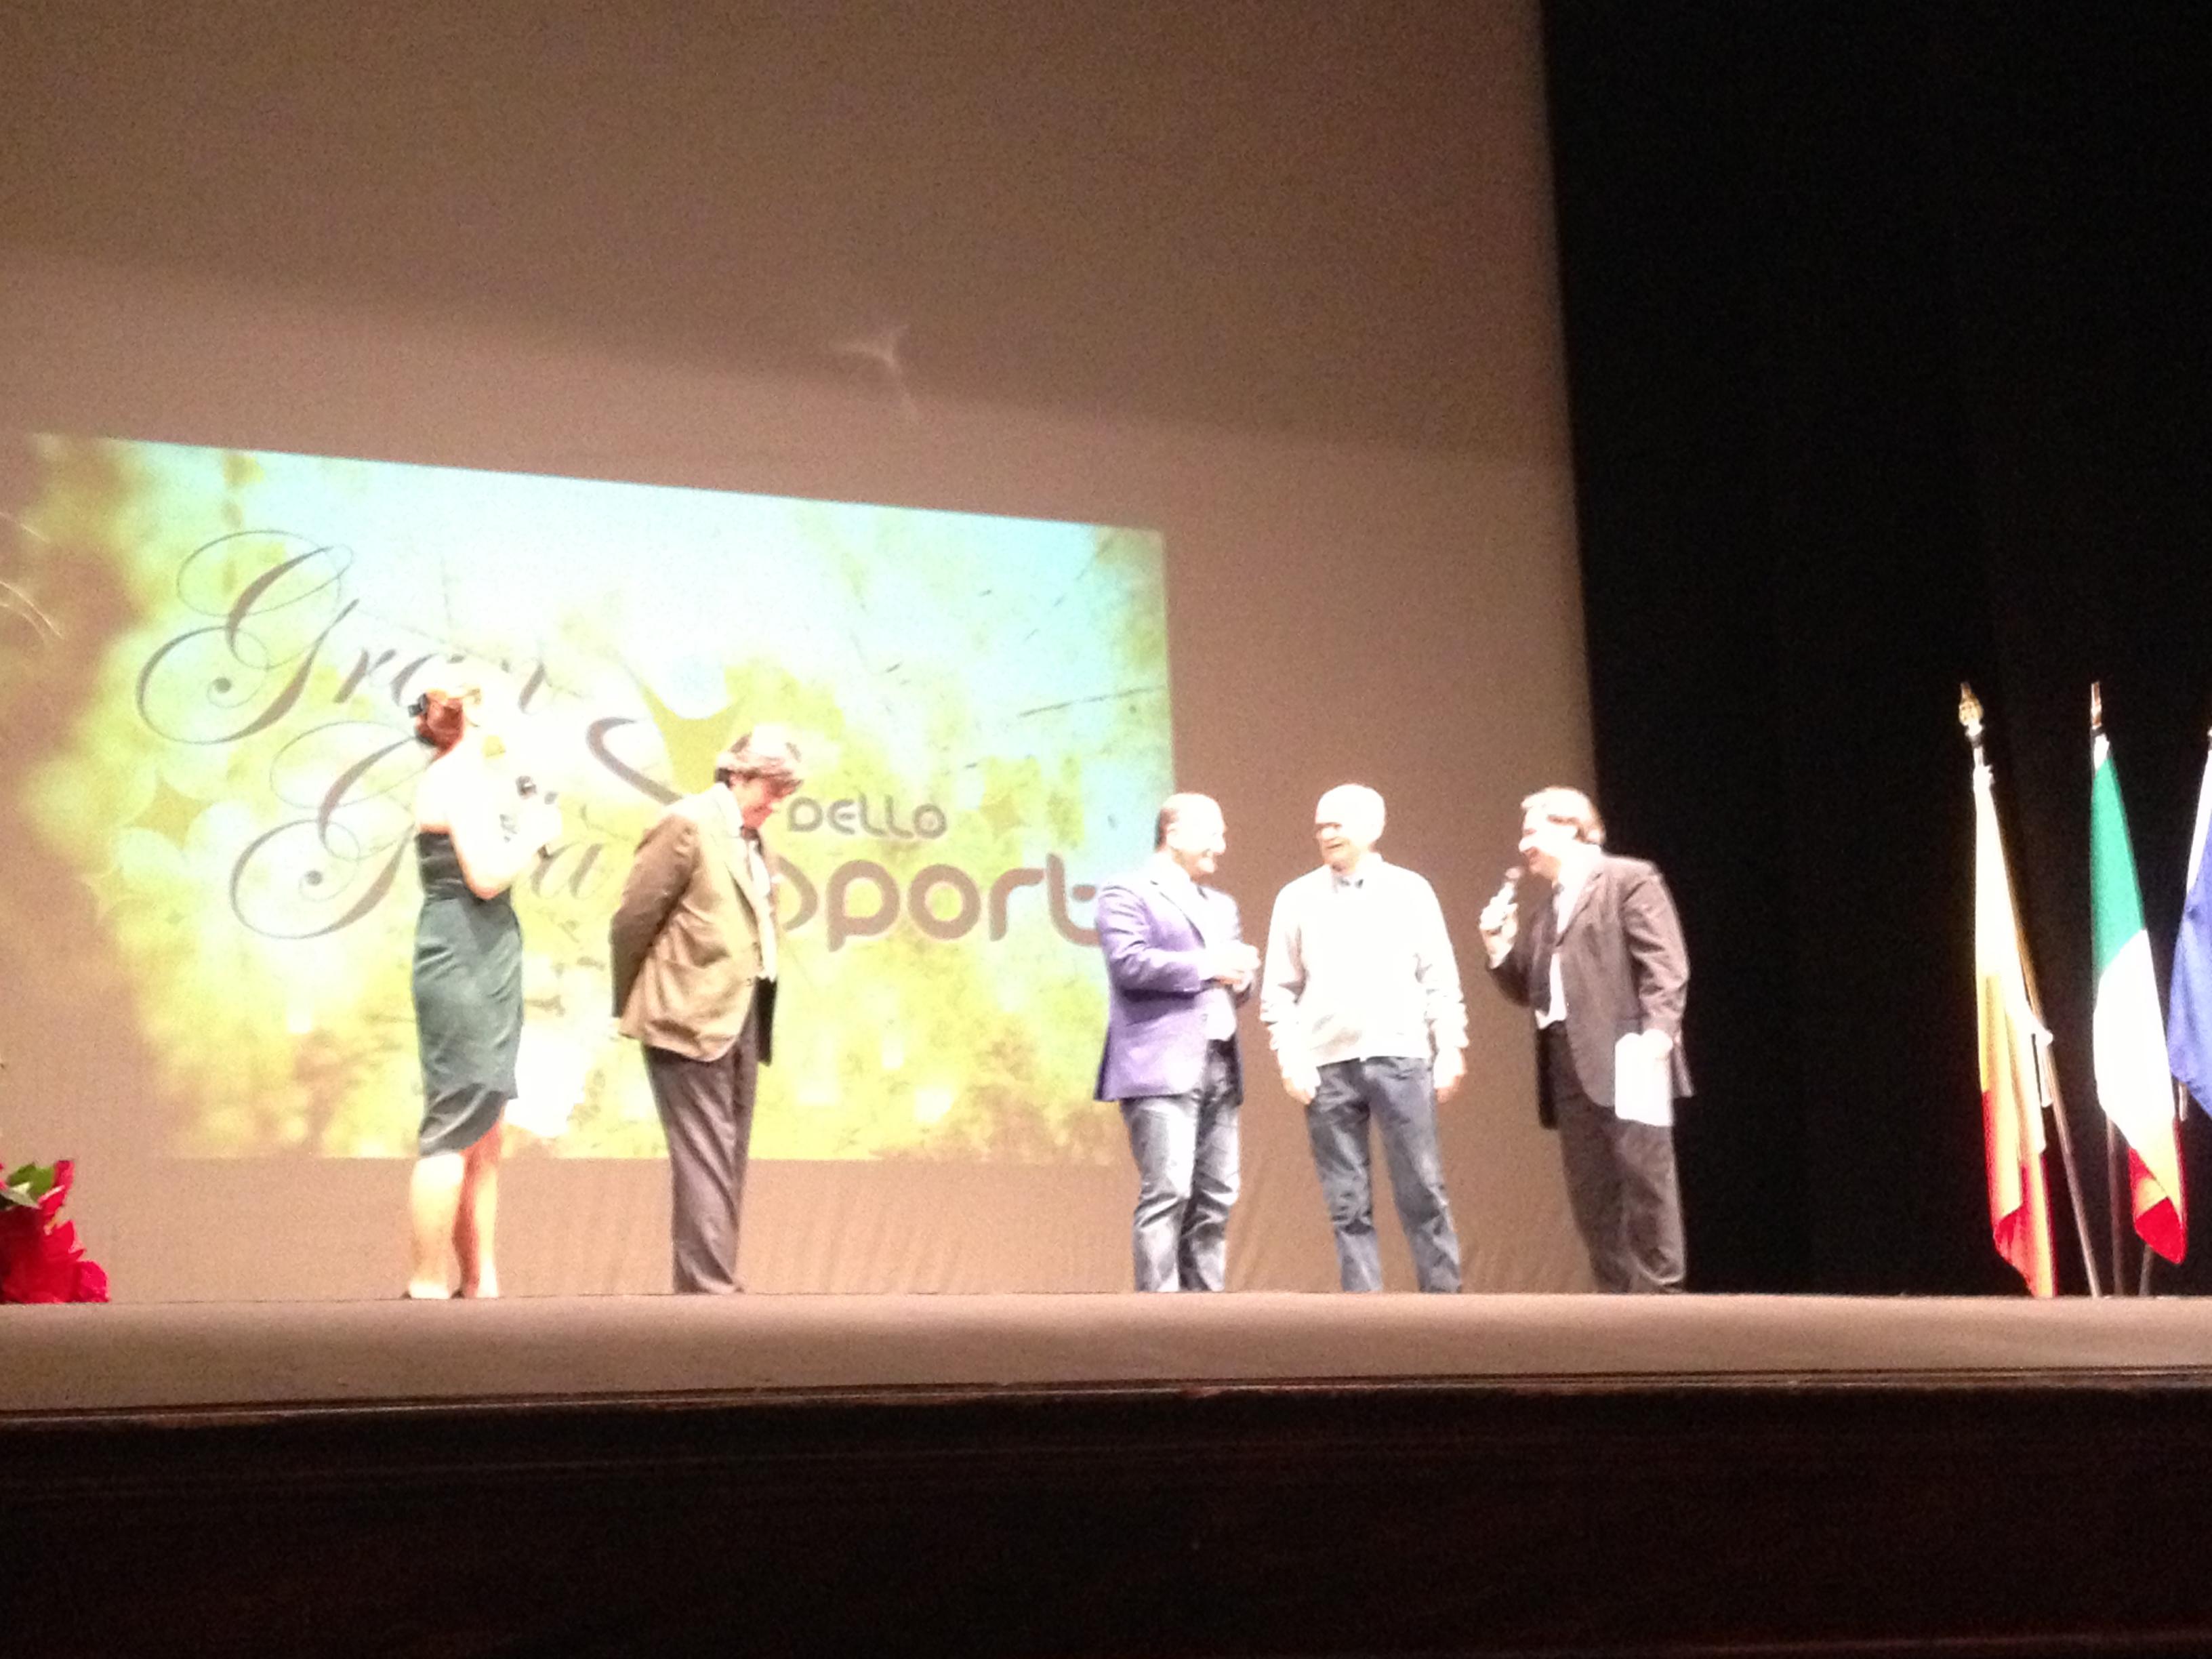 Gran Galà dello Sport 2012, Marco Civoli, Guido Castelli, Sandro Mazzola